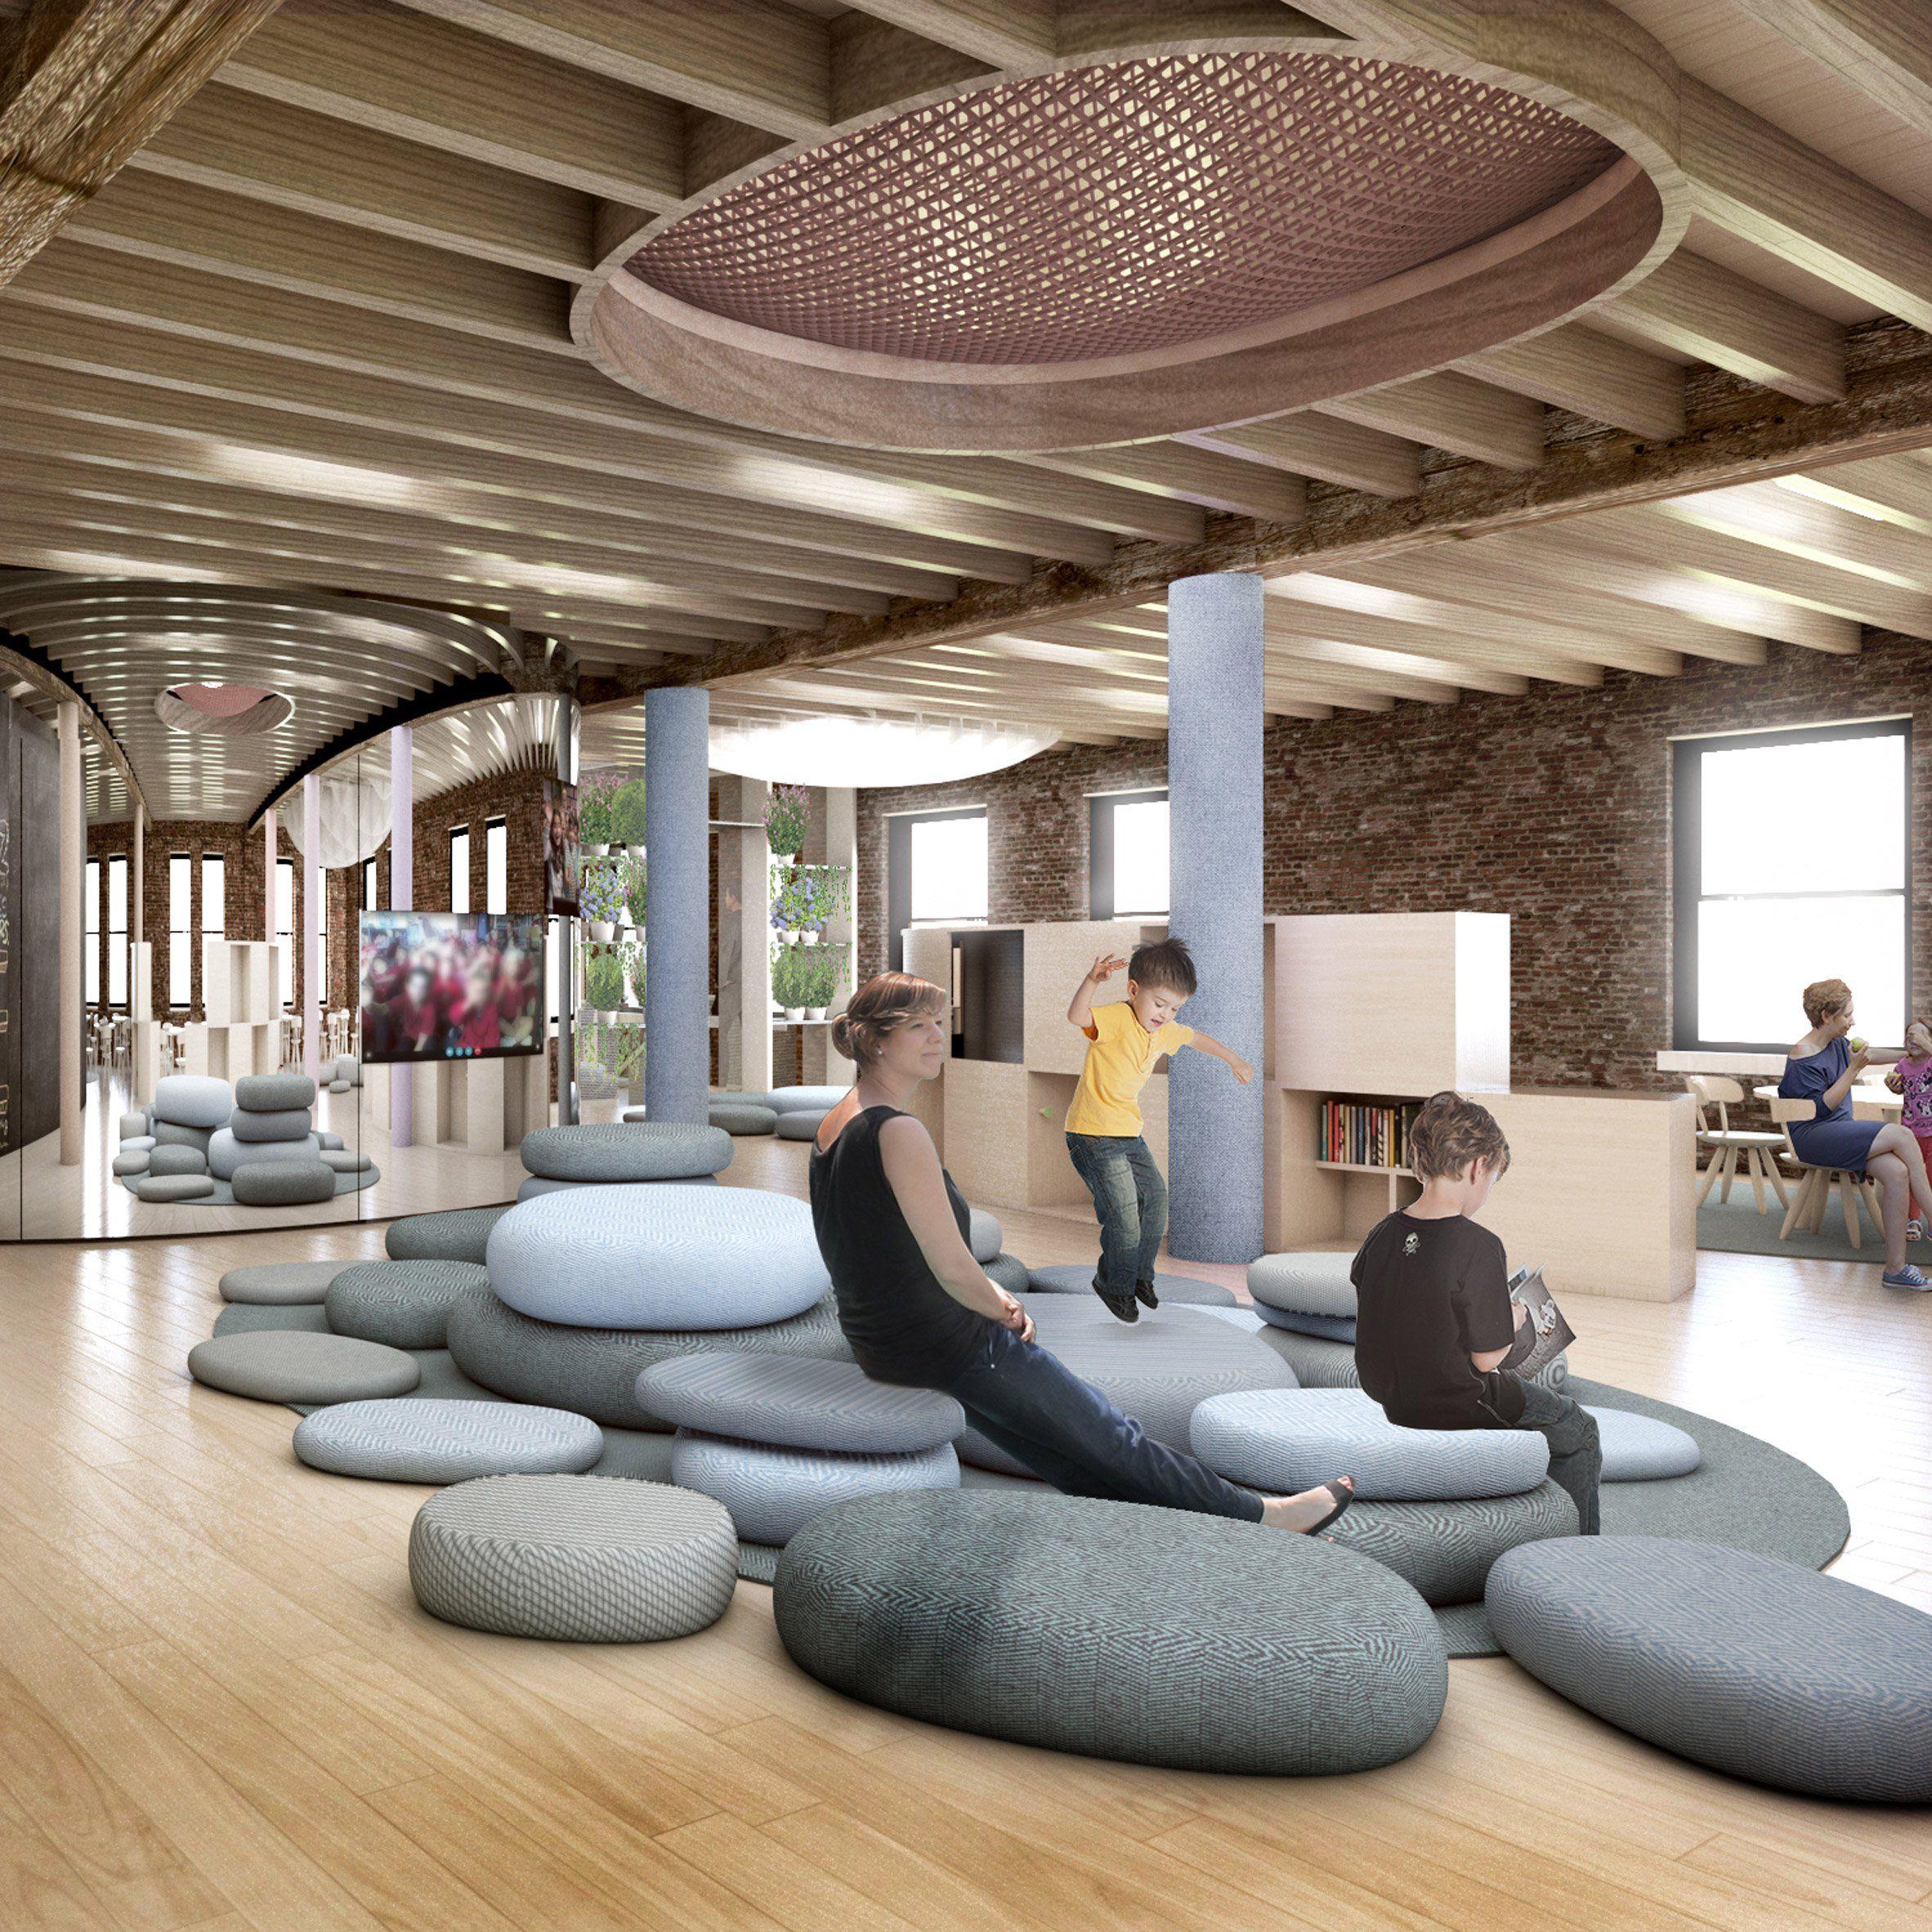 Architecture Interior Design: BIG Designs Kindergarten In New York City For WeWork